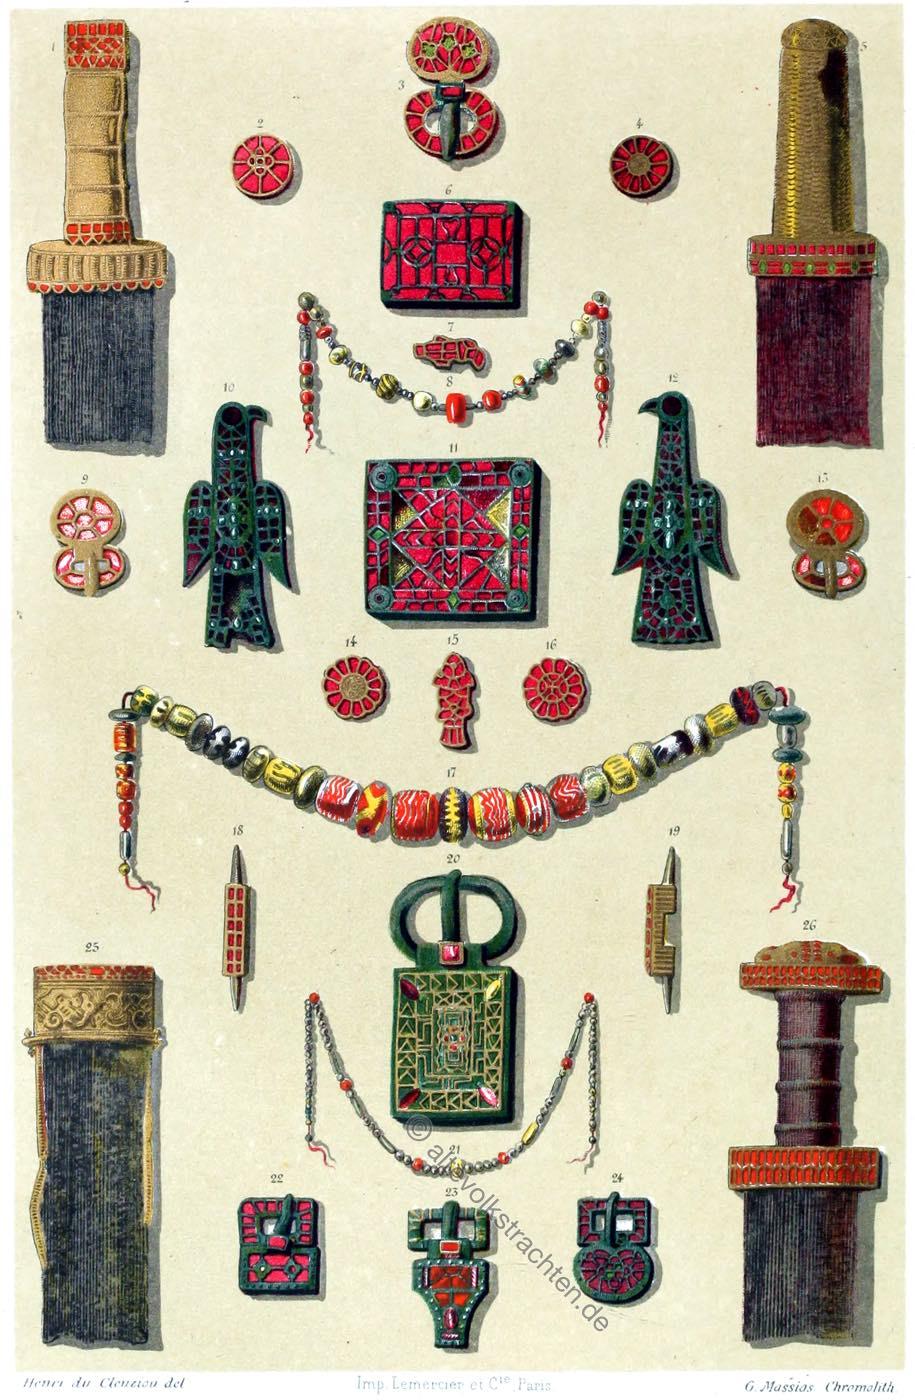 Merowinger, Grabfund, Waffen, Juwelen, Schmuck